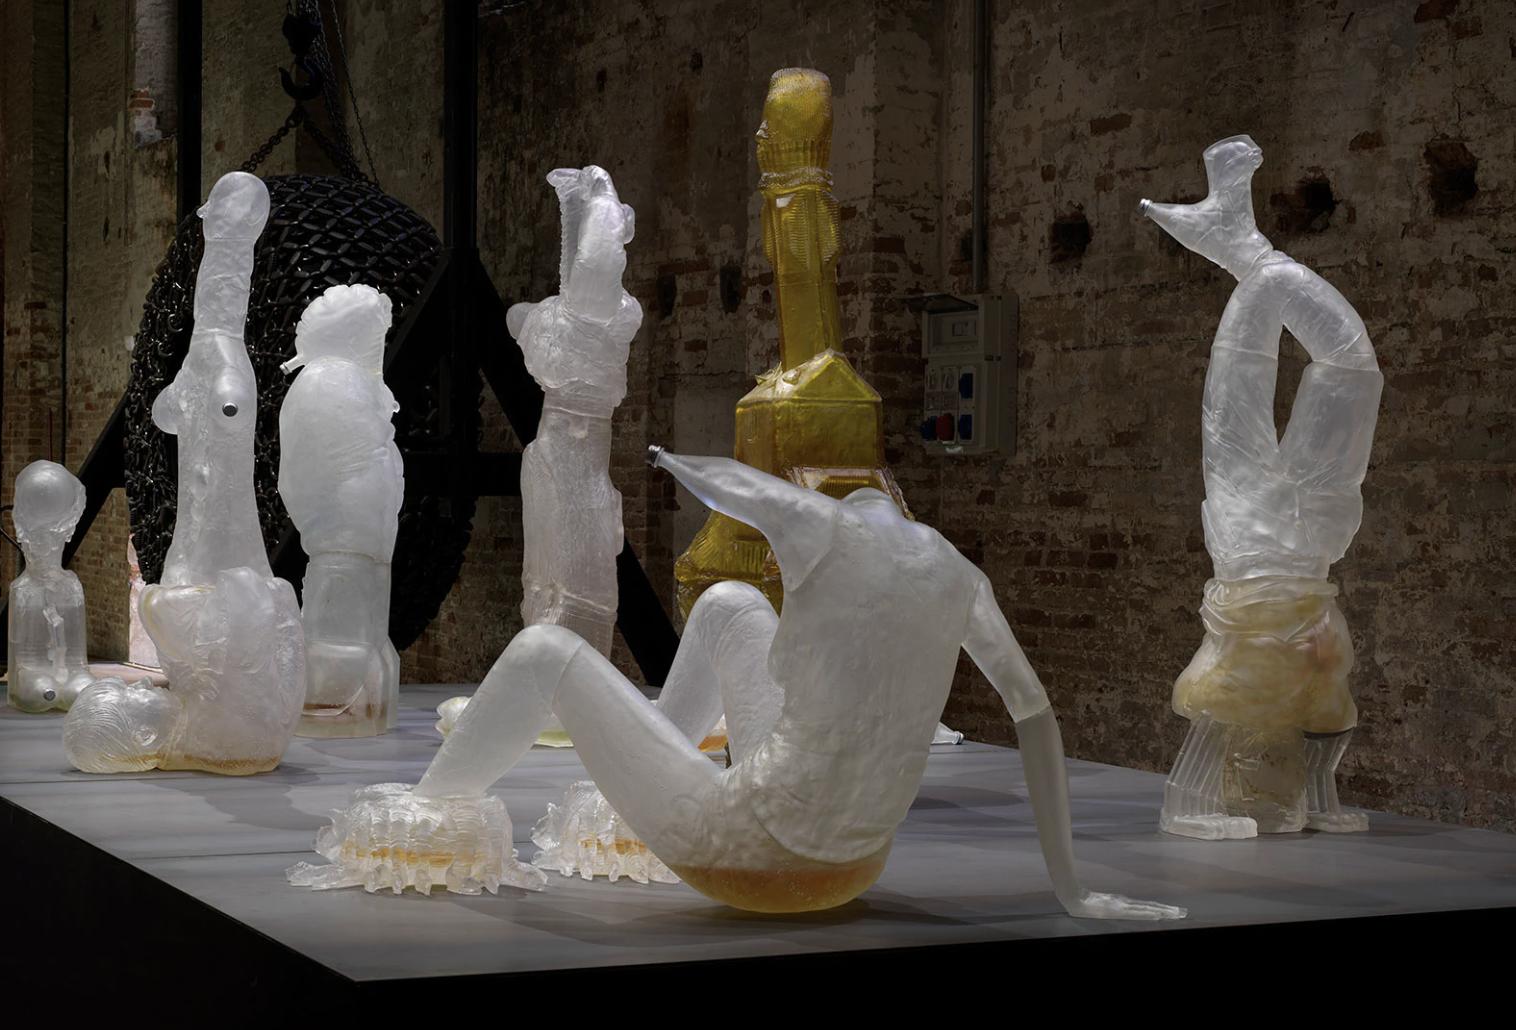 Gli aspetti più oscuri della società contemporanea. Le sculture surreali di Andra Ursuţa a Parigi